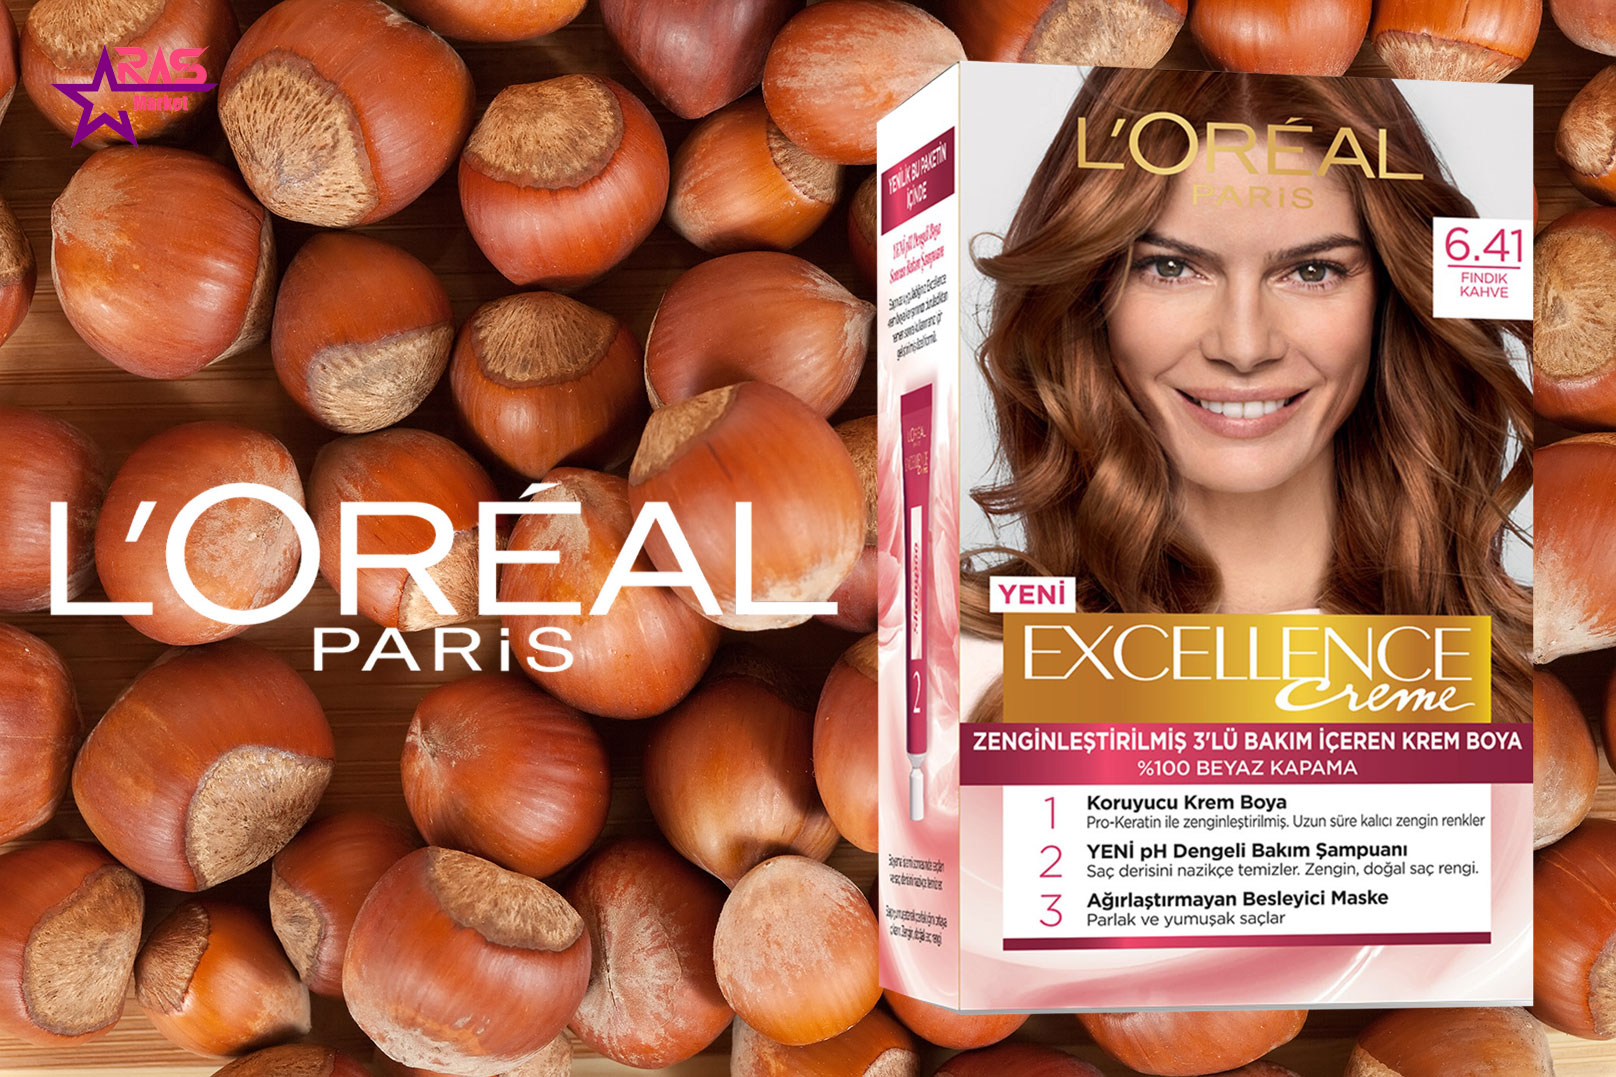 کیت رنگ مو لورآل سری Excellence شماره 6.41 ، خرید اینترنتی محصولات شوینده و بهداشتی ، بهداشت بانوان